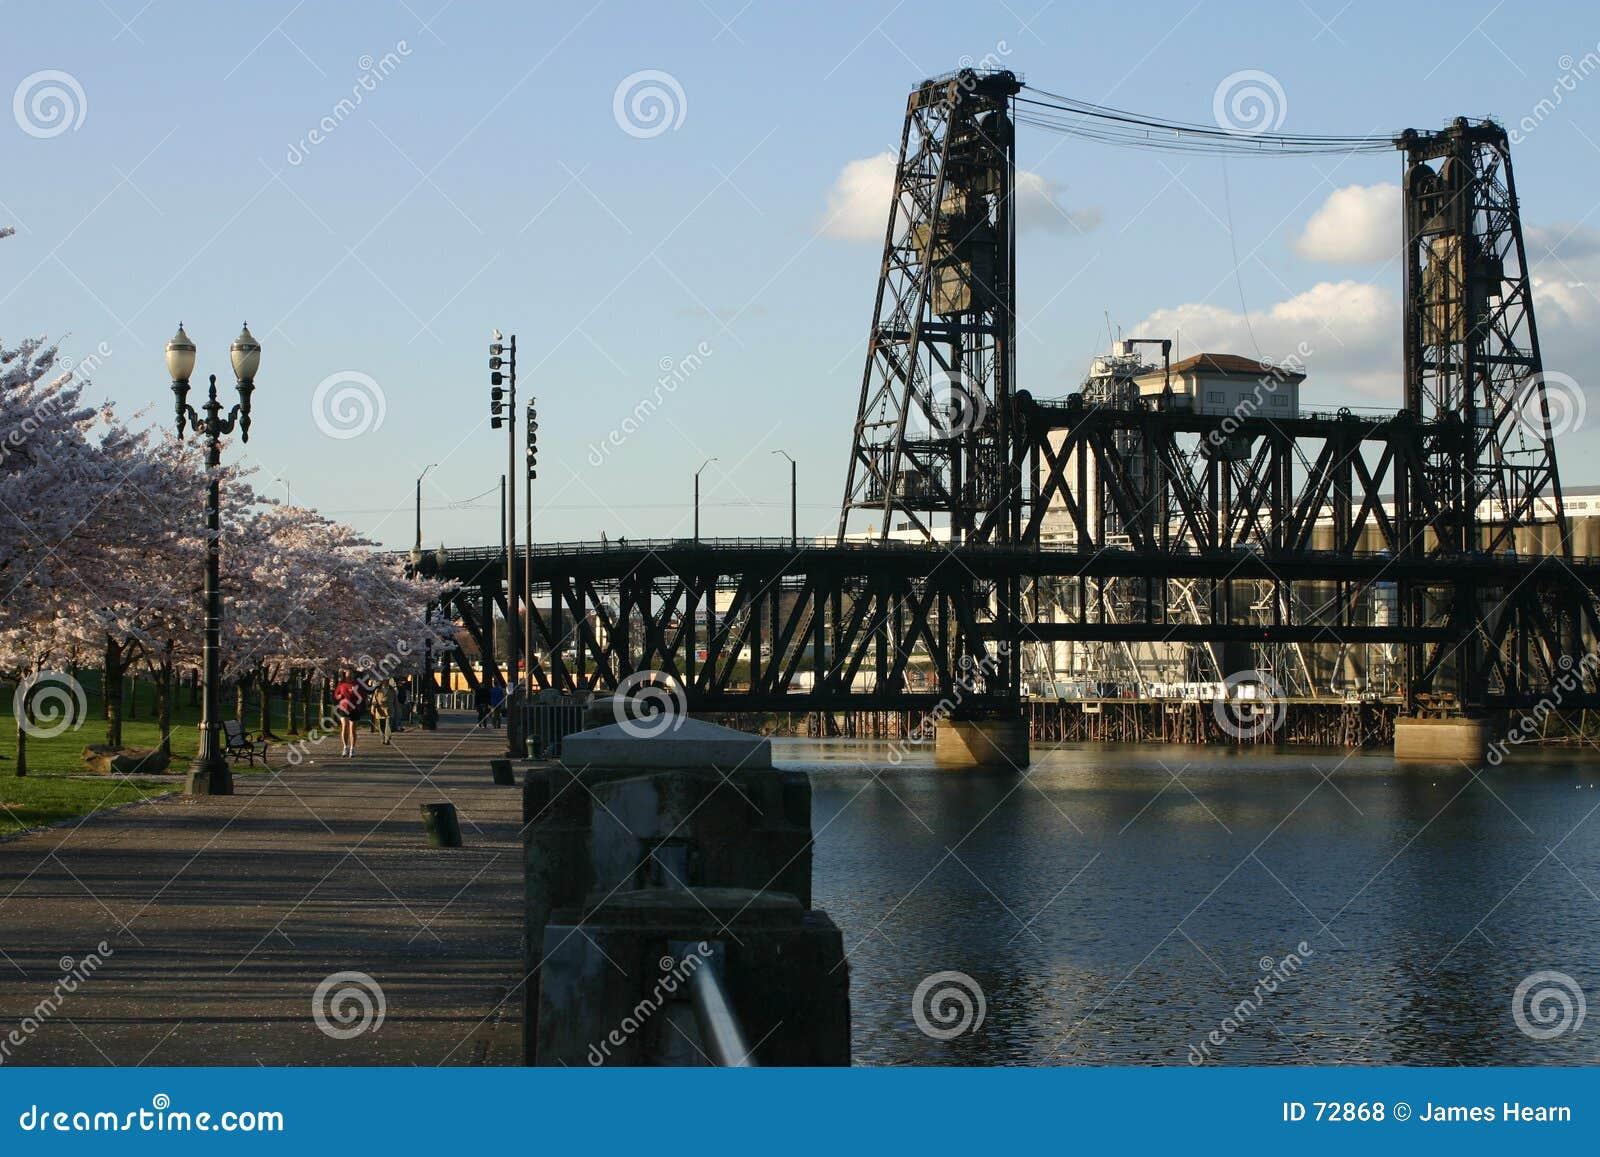 Steel train bridge in Portland.